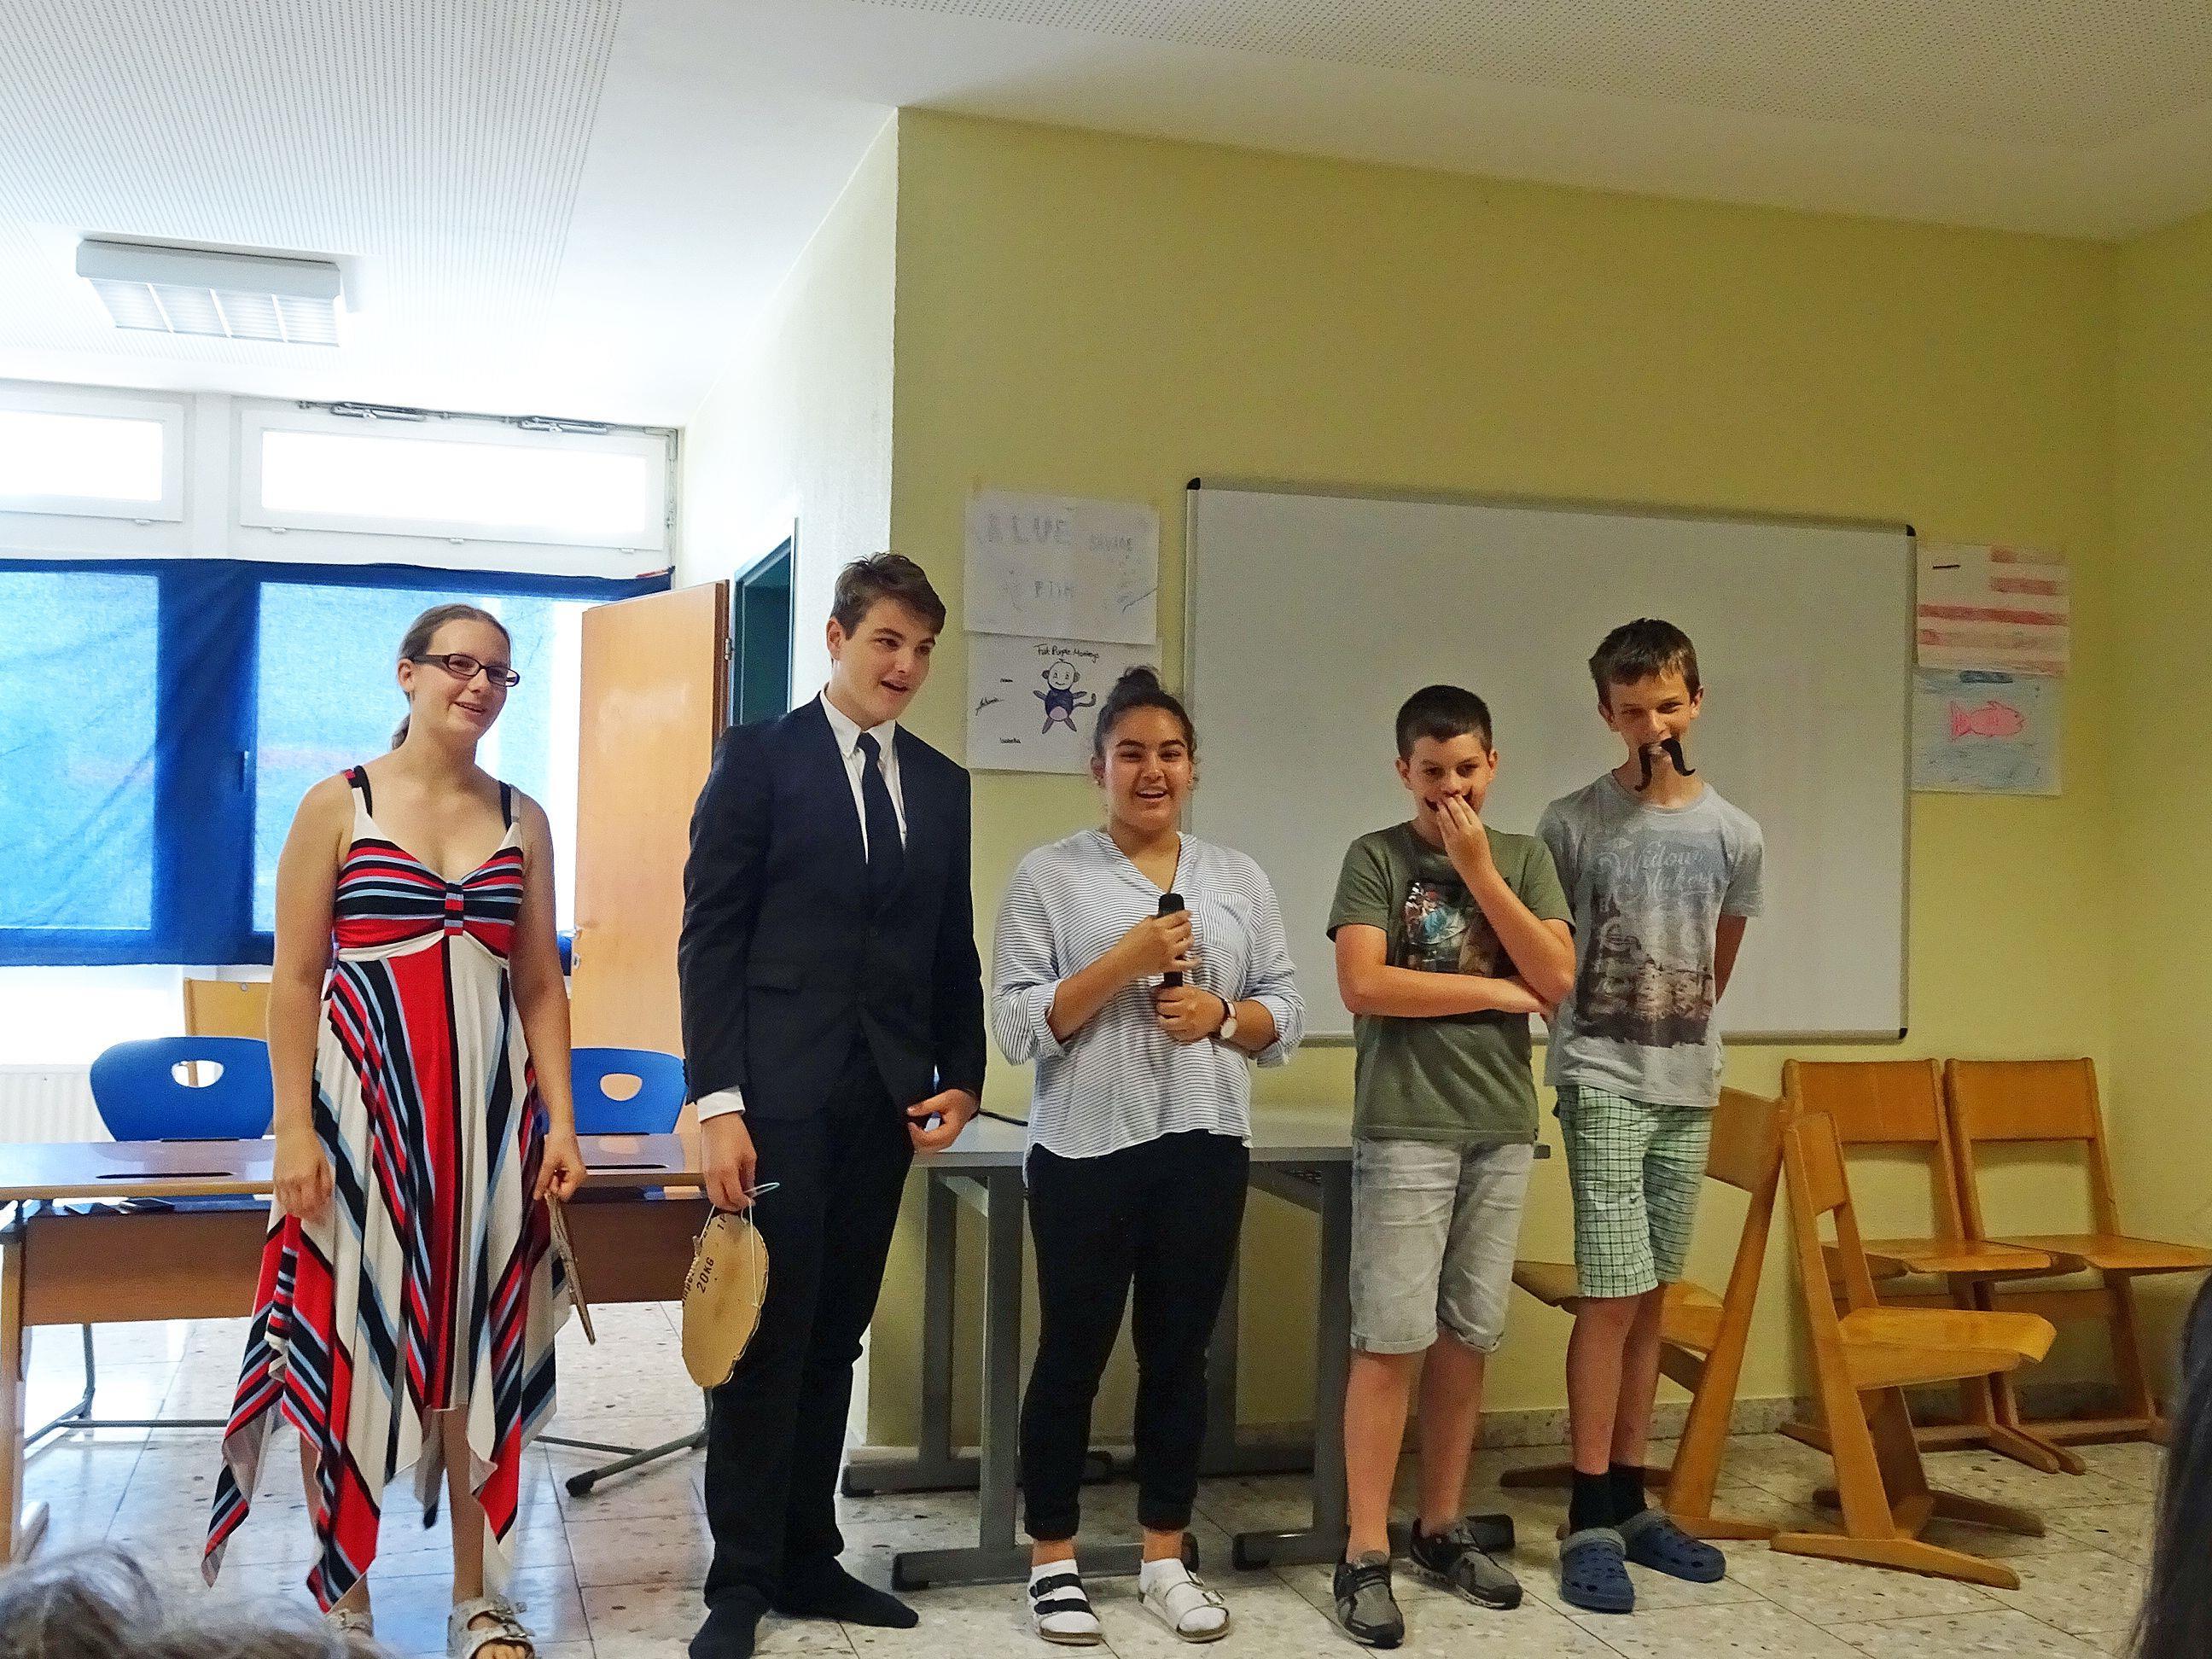 Bei der Projektvorstellung präsentierten die Schüler kleine Sketches auf Englisch.